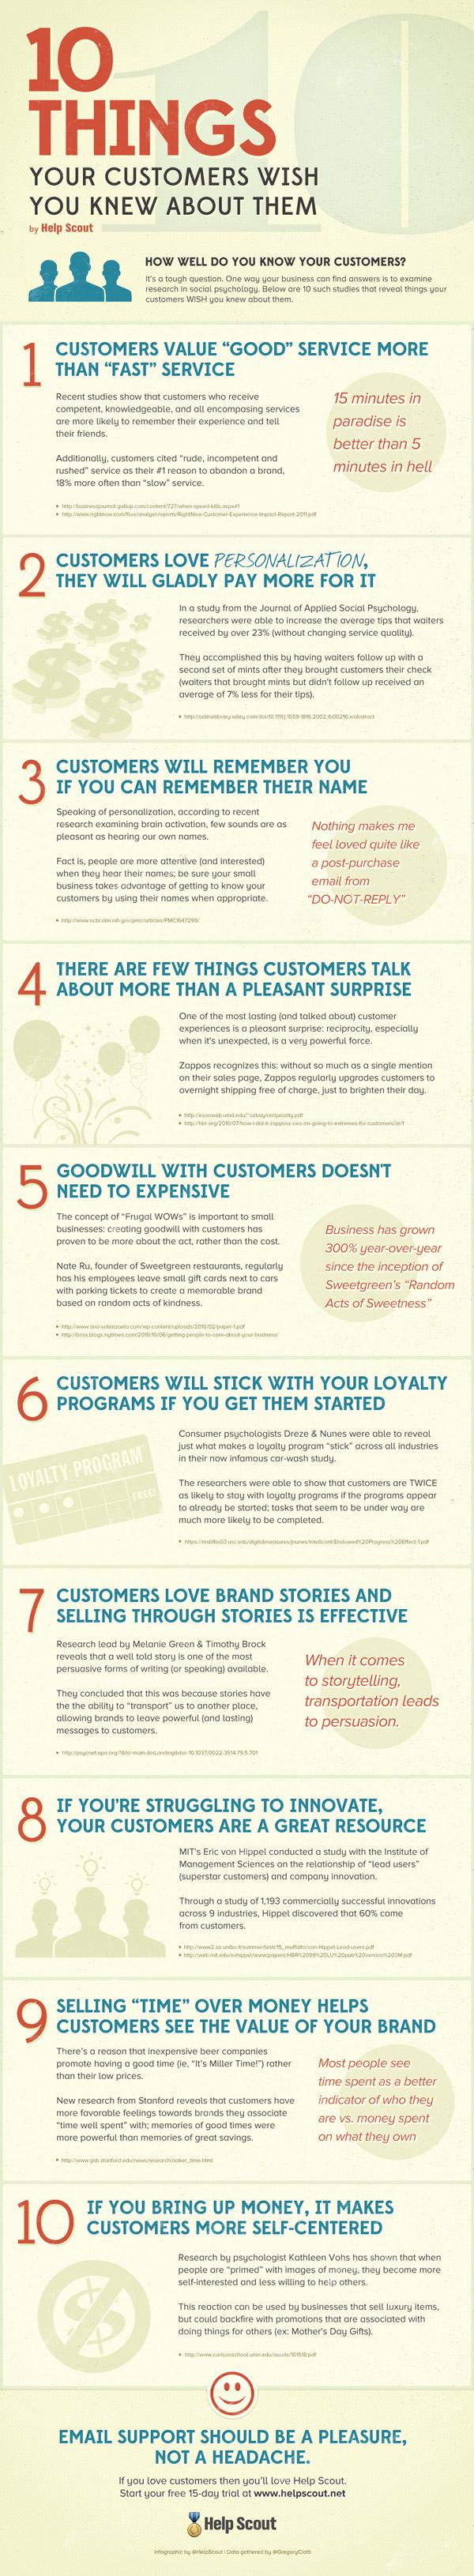 10 cosas que debes conocer sobre tus clientes